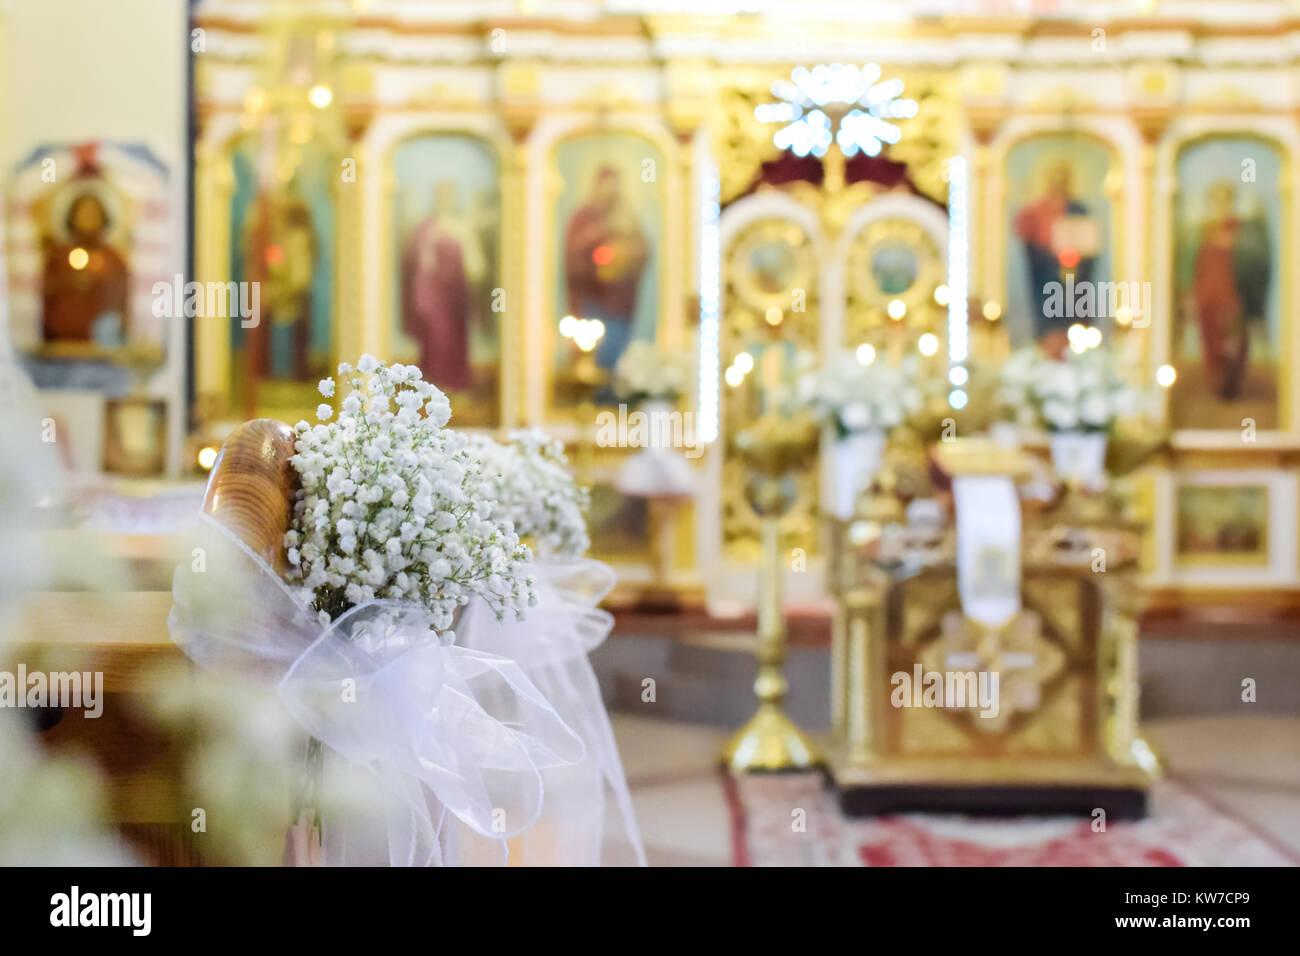 Dekoration Kirche Hochzeit